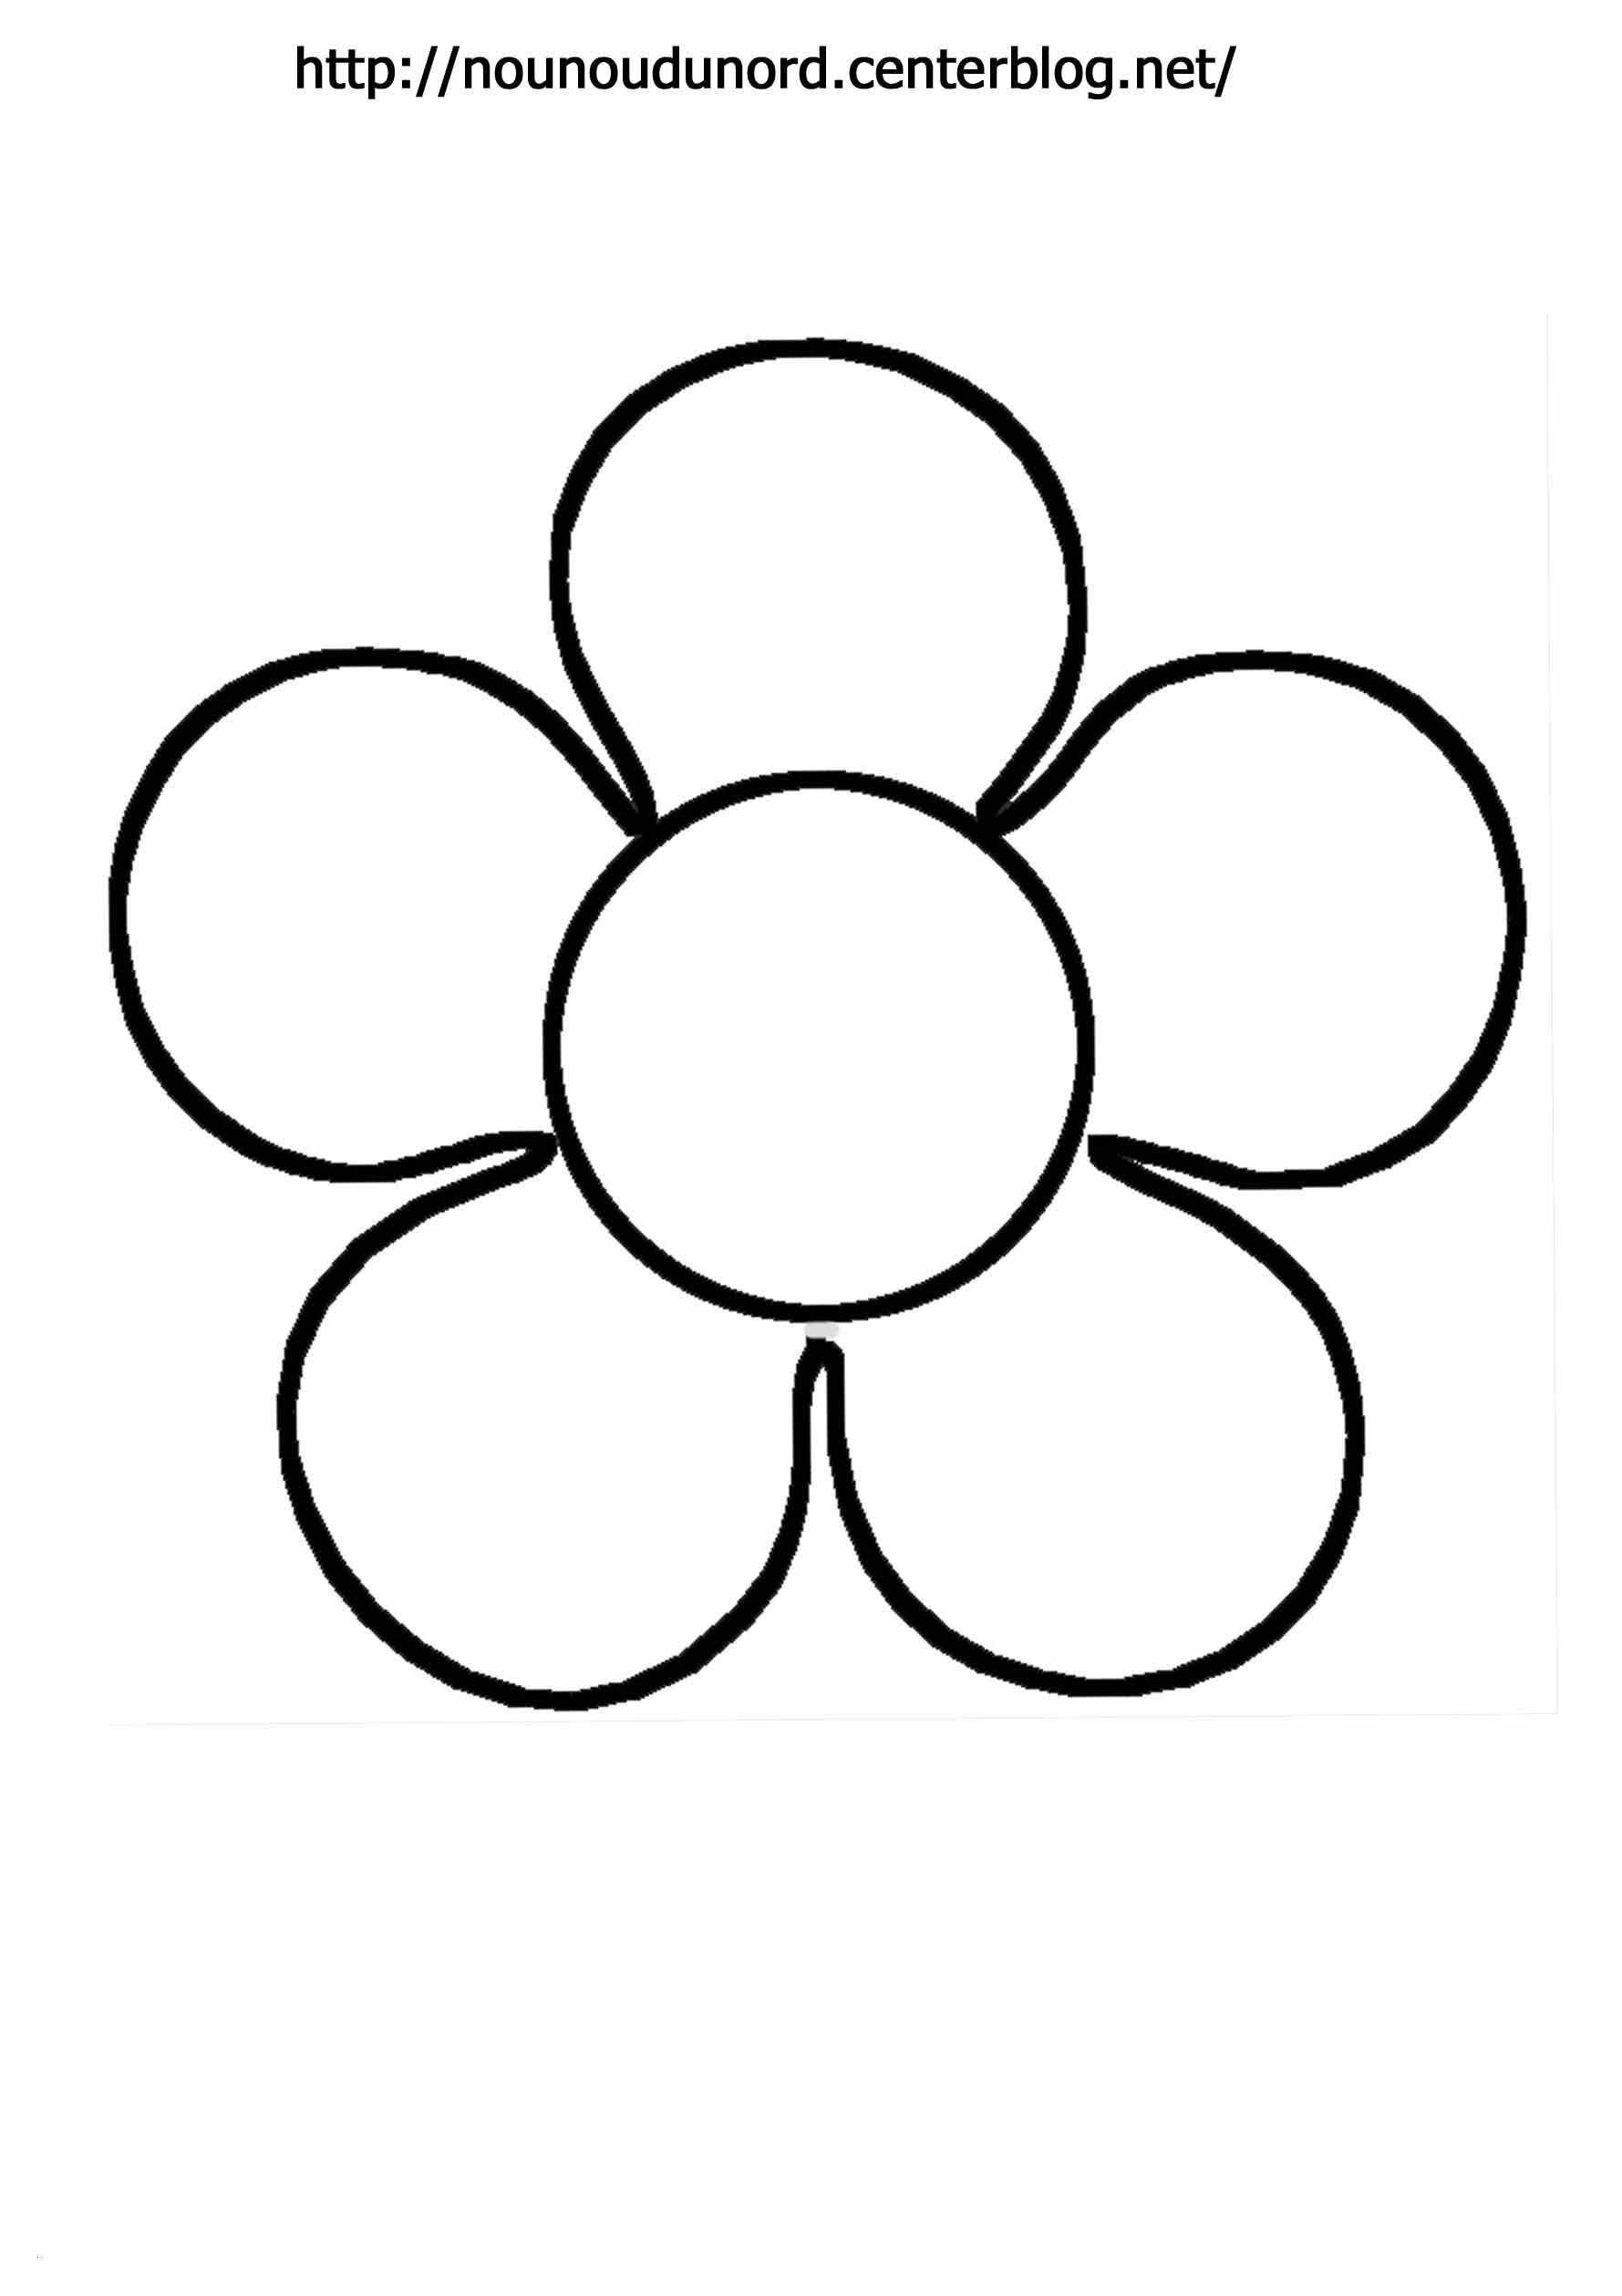 Schmetterling Mit Blume Zum Ausmalen Frisch Fleur Coloriage Simple Gráficos Elegant Malvorlagen Schmetterlinge Fotografieren